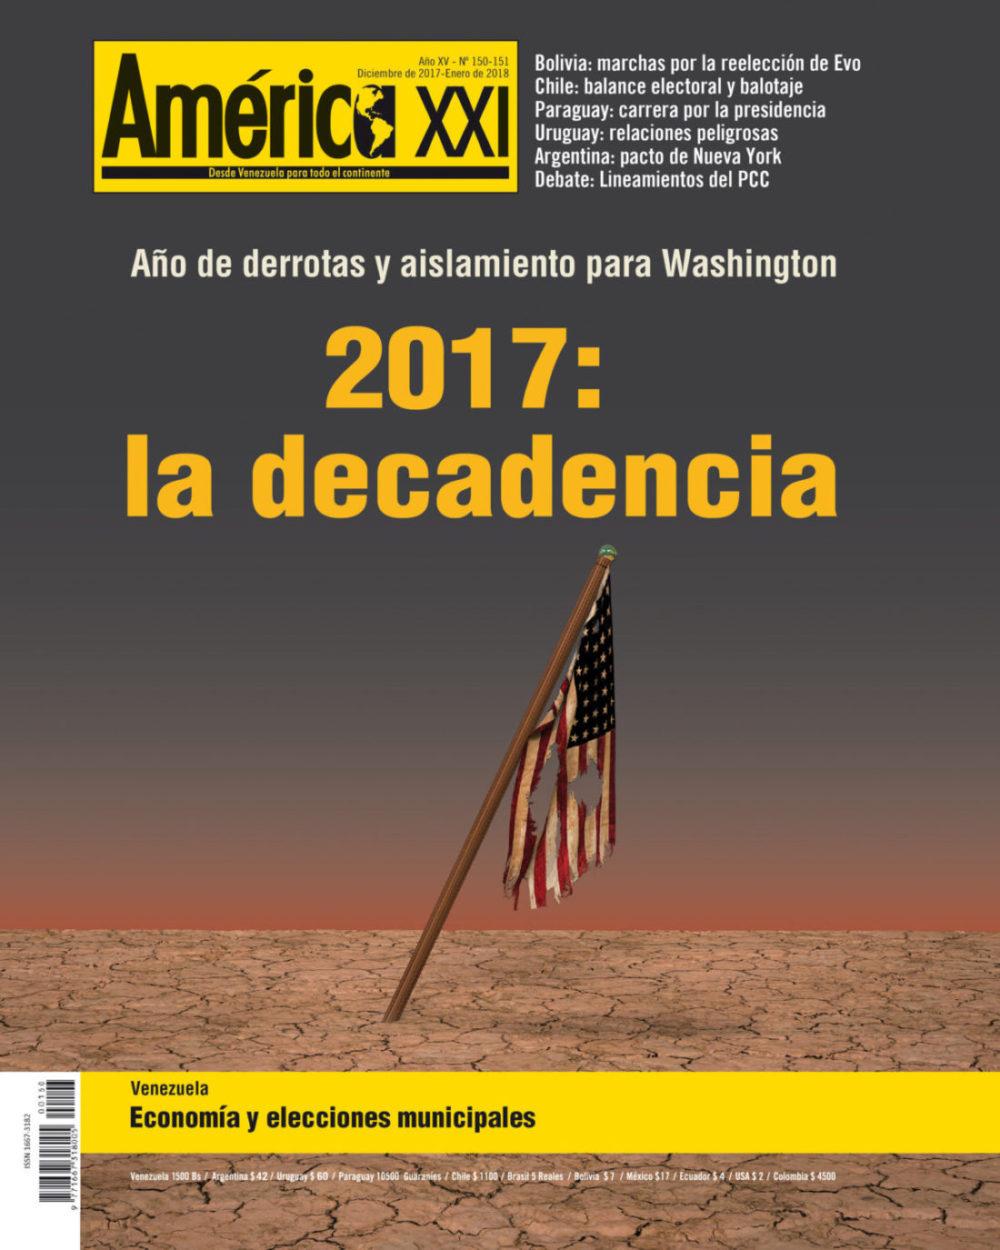 Edición 150 – 151